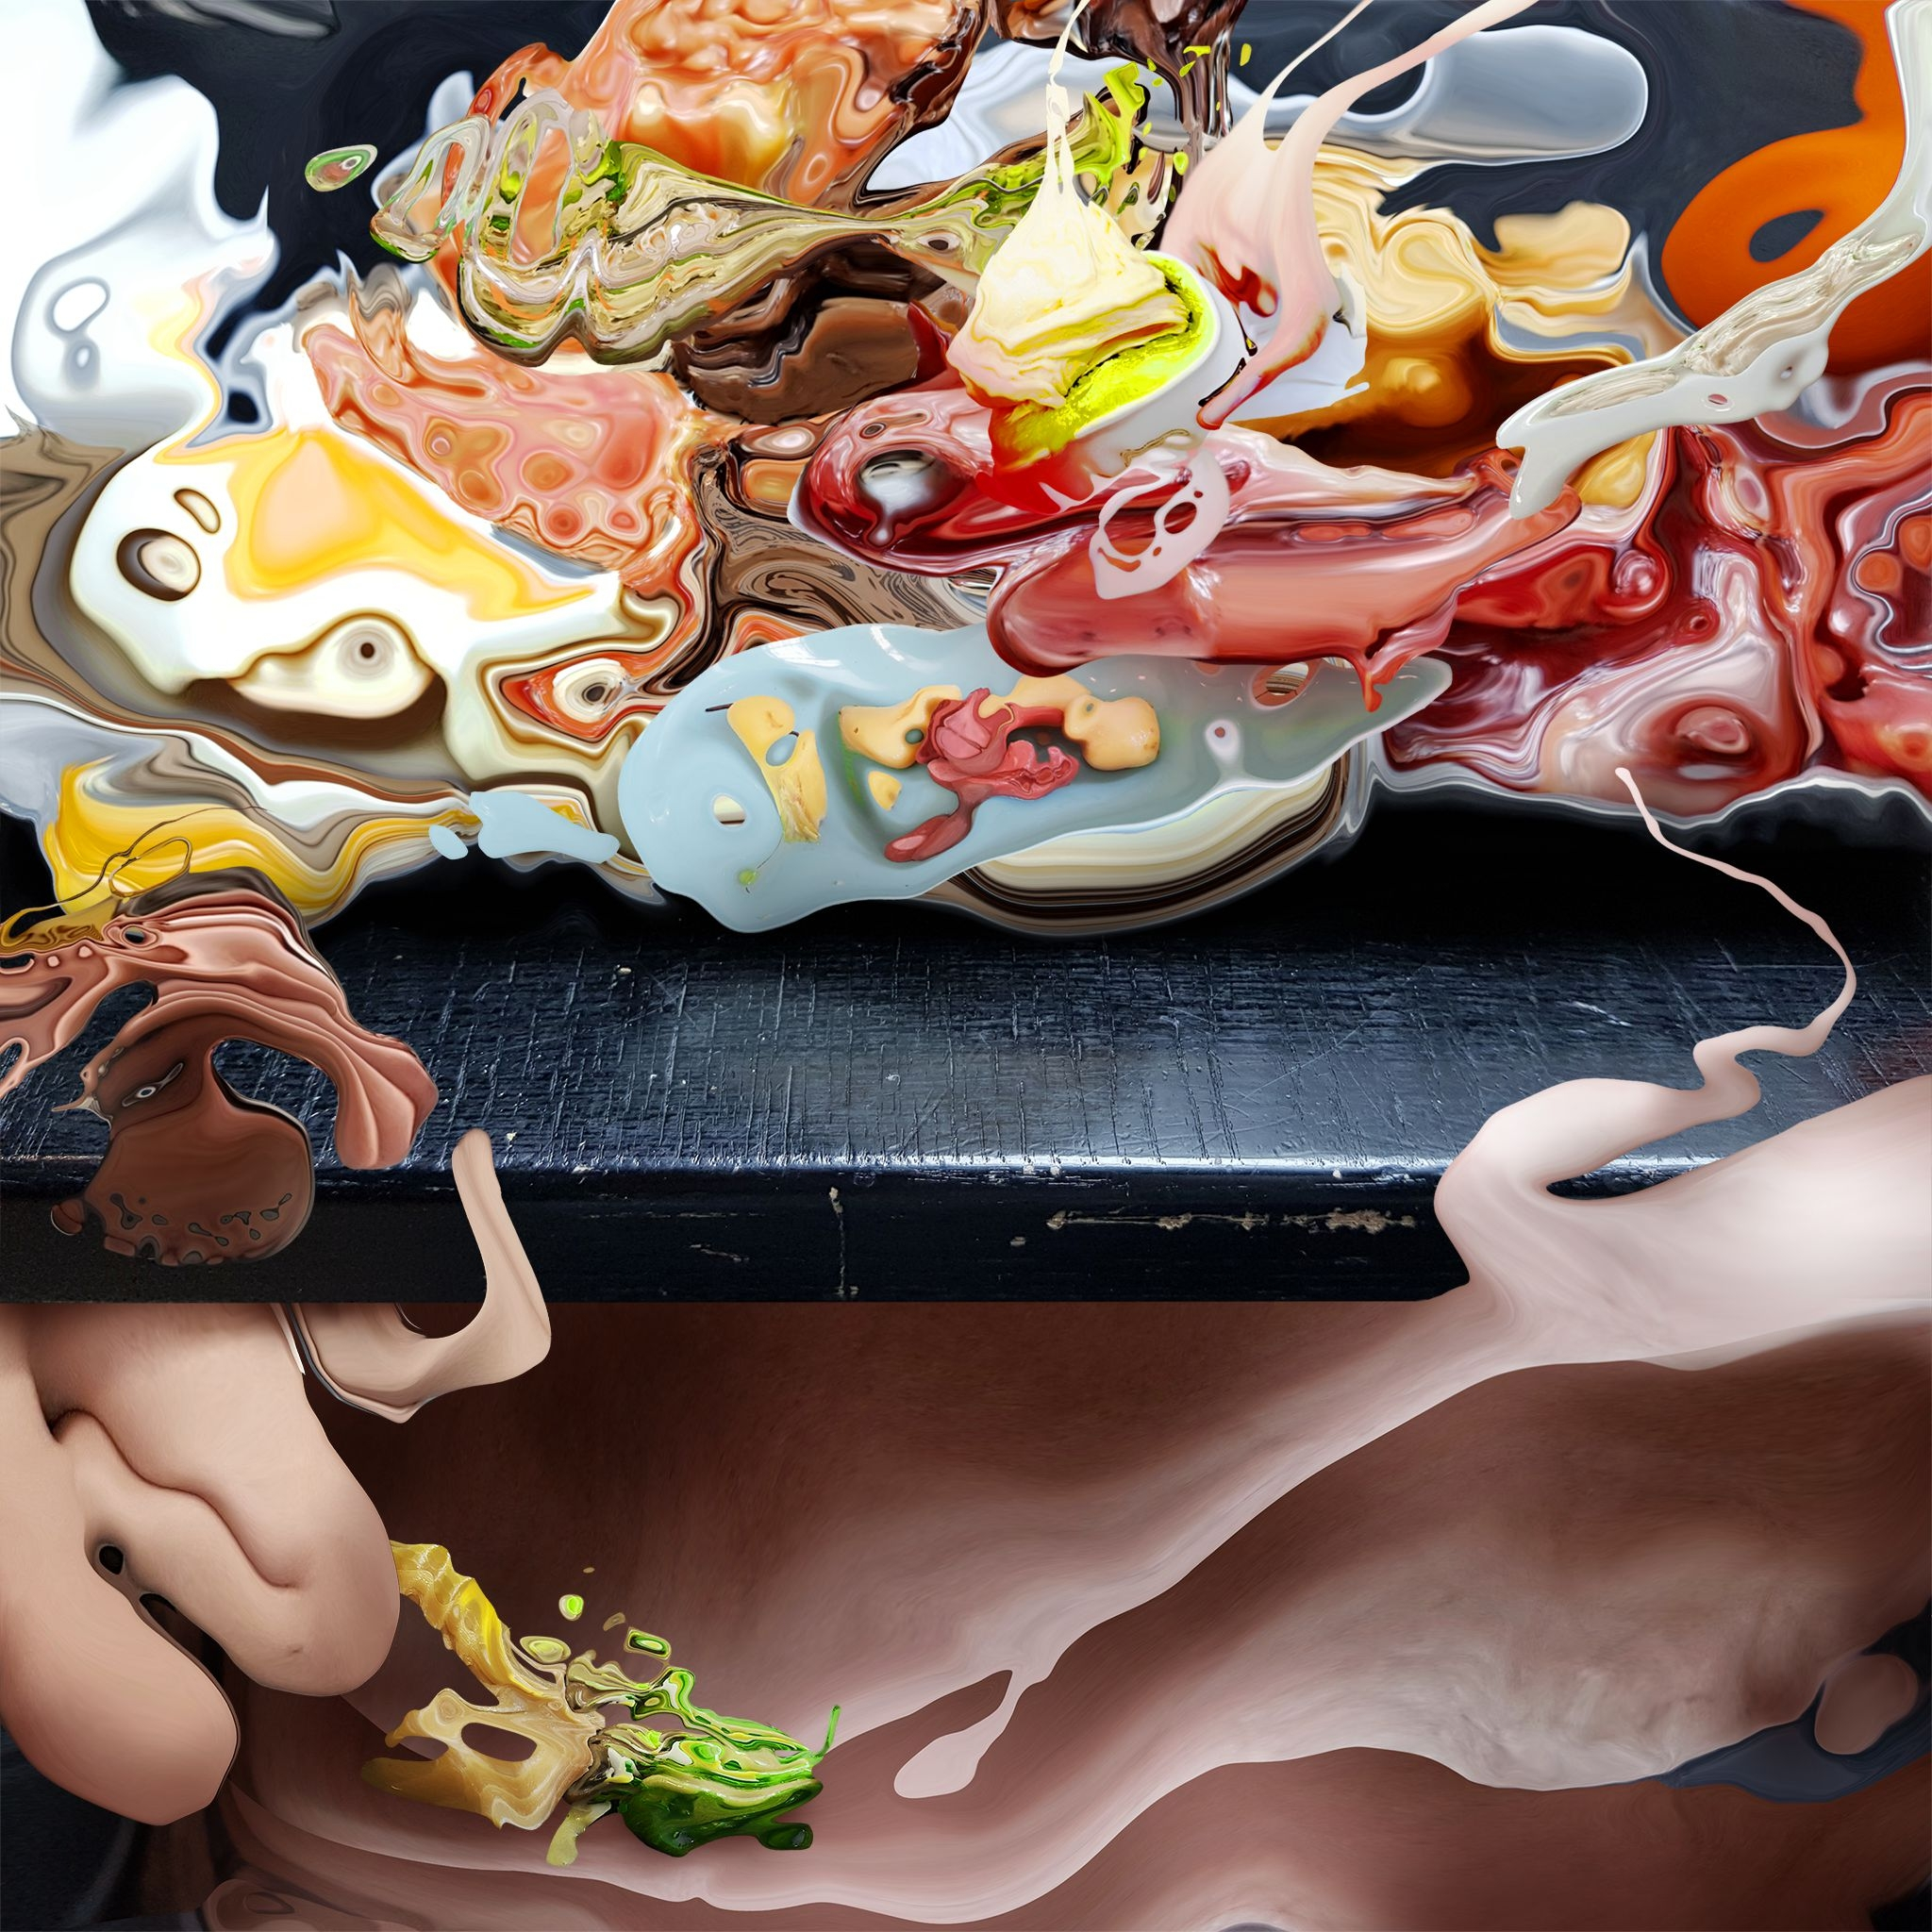 naked breakfast - hissorrow   ello